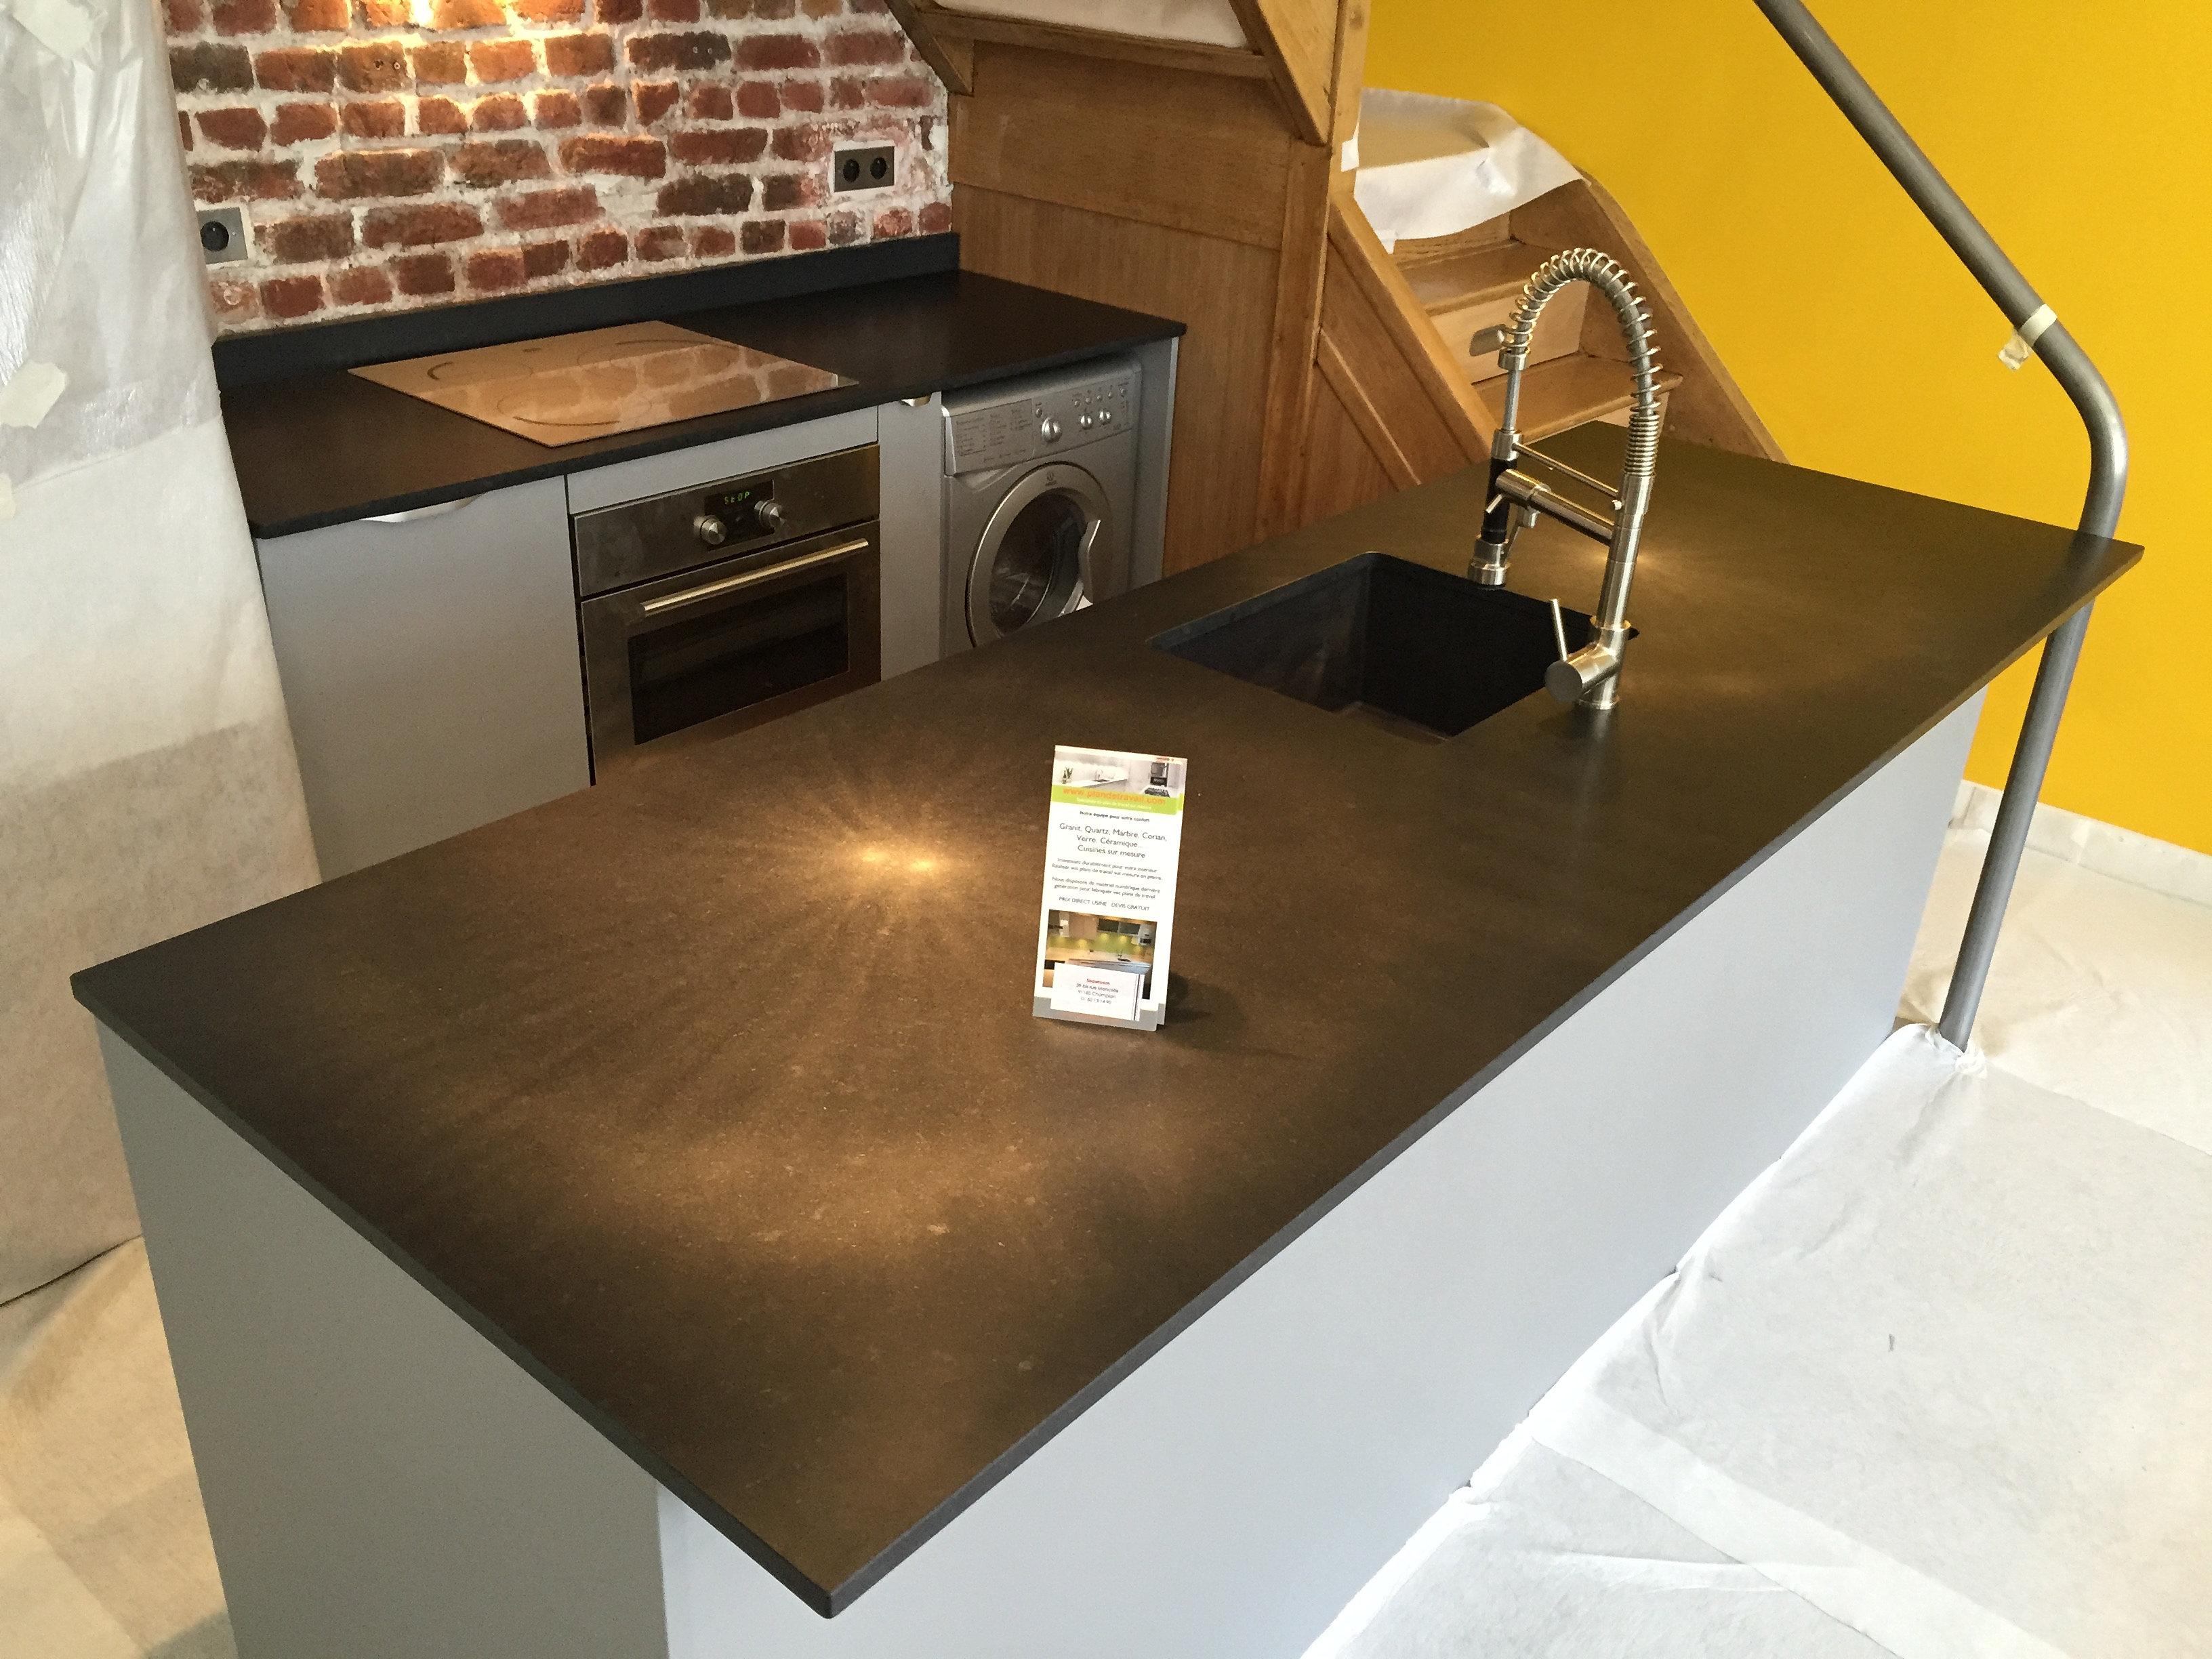 plan de travail granit quartz table en mabre paris essonne granit noir zimbabwe mat. Black Bedroom Furniture Sets. Home Design Ideas